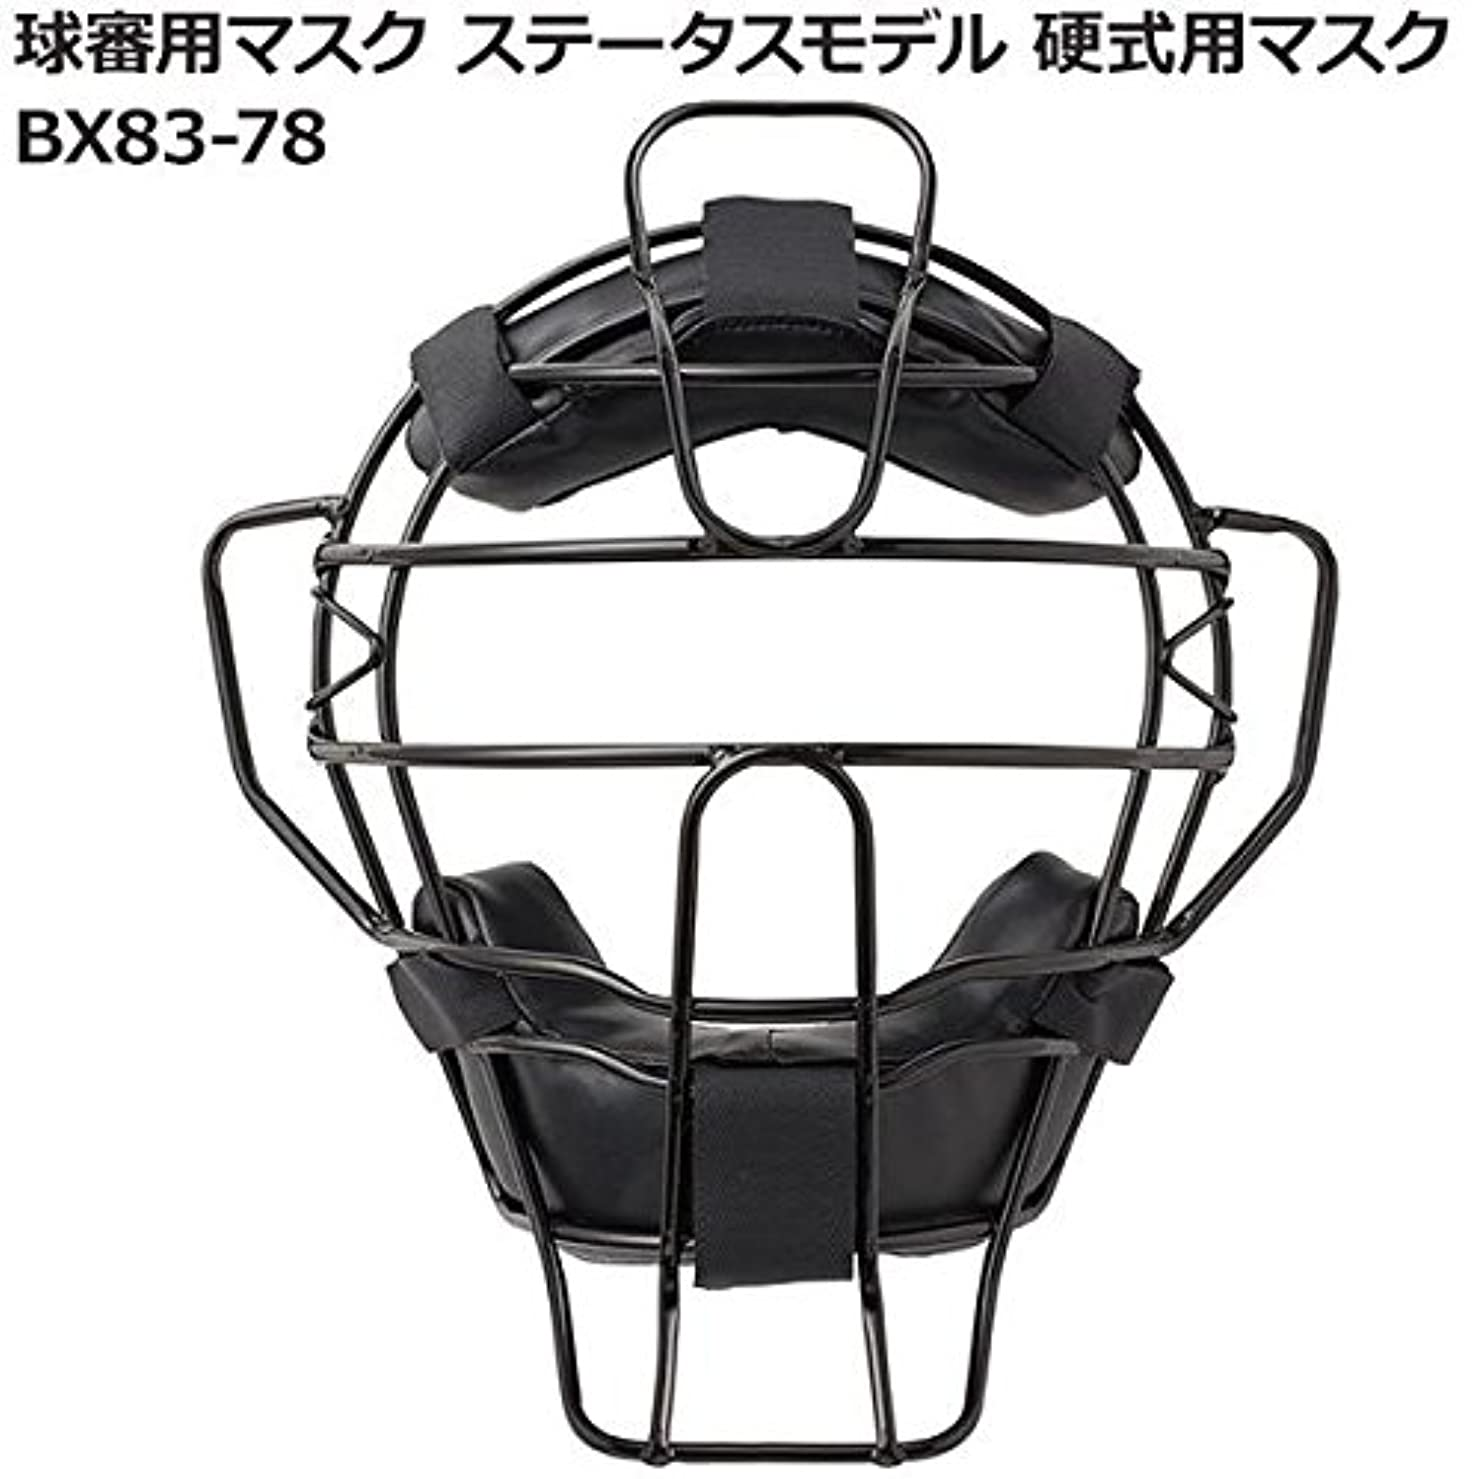 エトナ山障害剃る球審用マスク ステータスモデル 硬式用マスク BX83-78